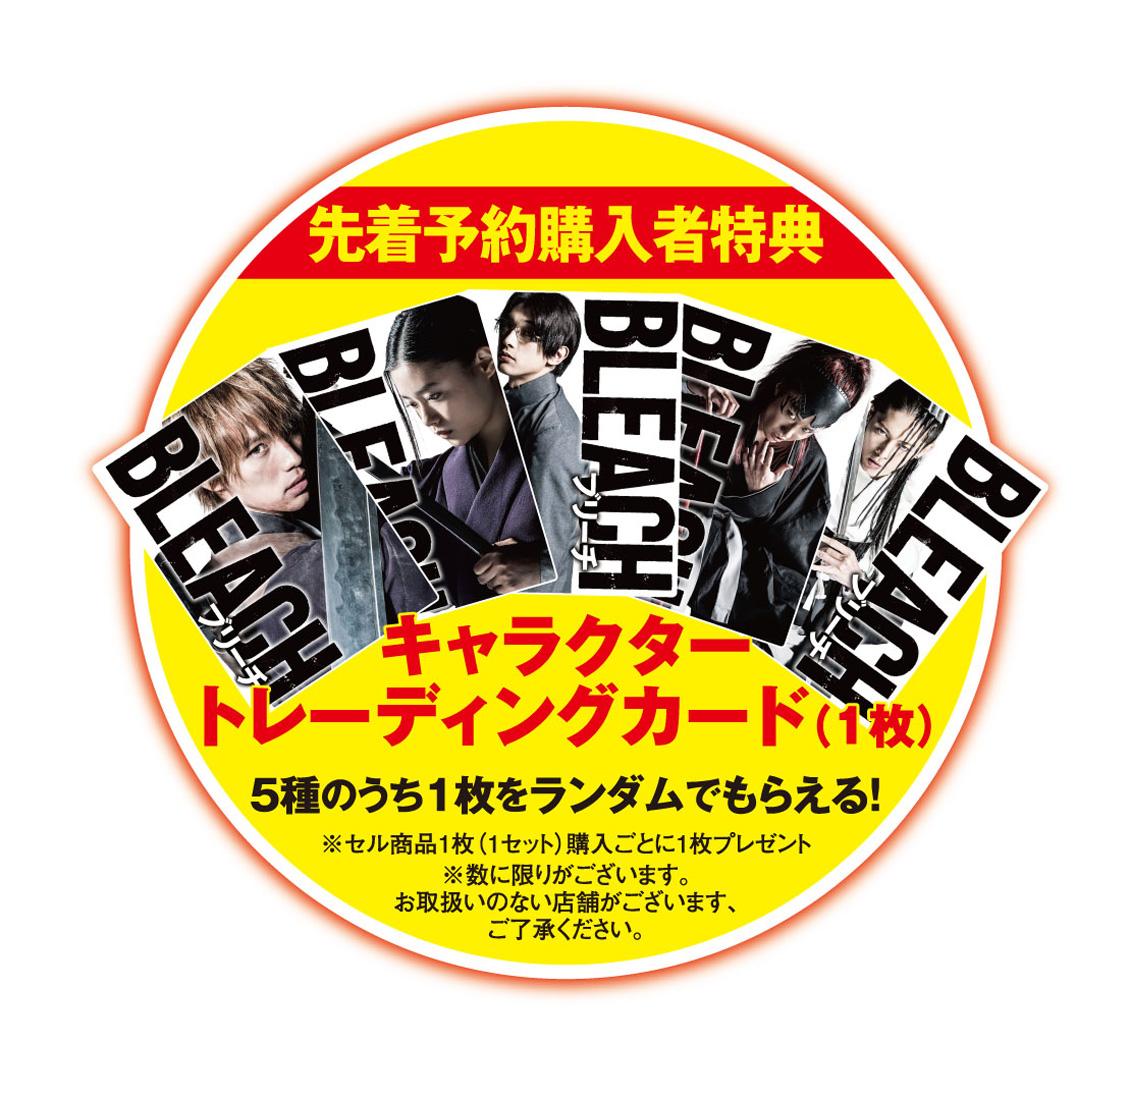 【先着購入者特典】キャラクター トレーディングカード(1枚)